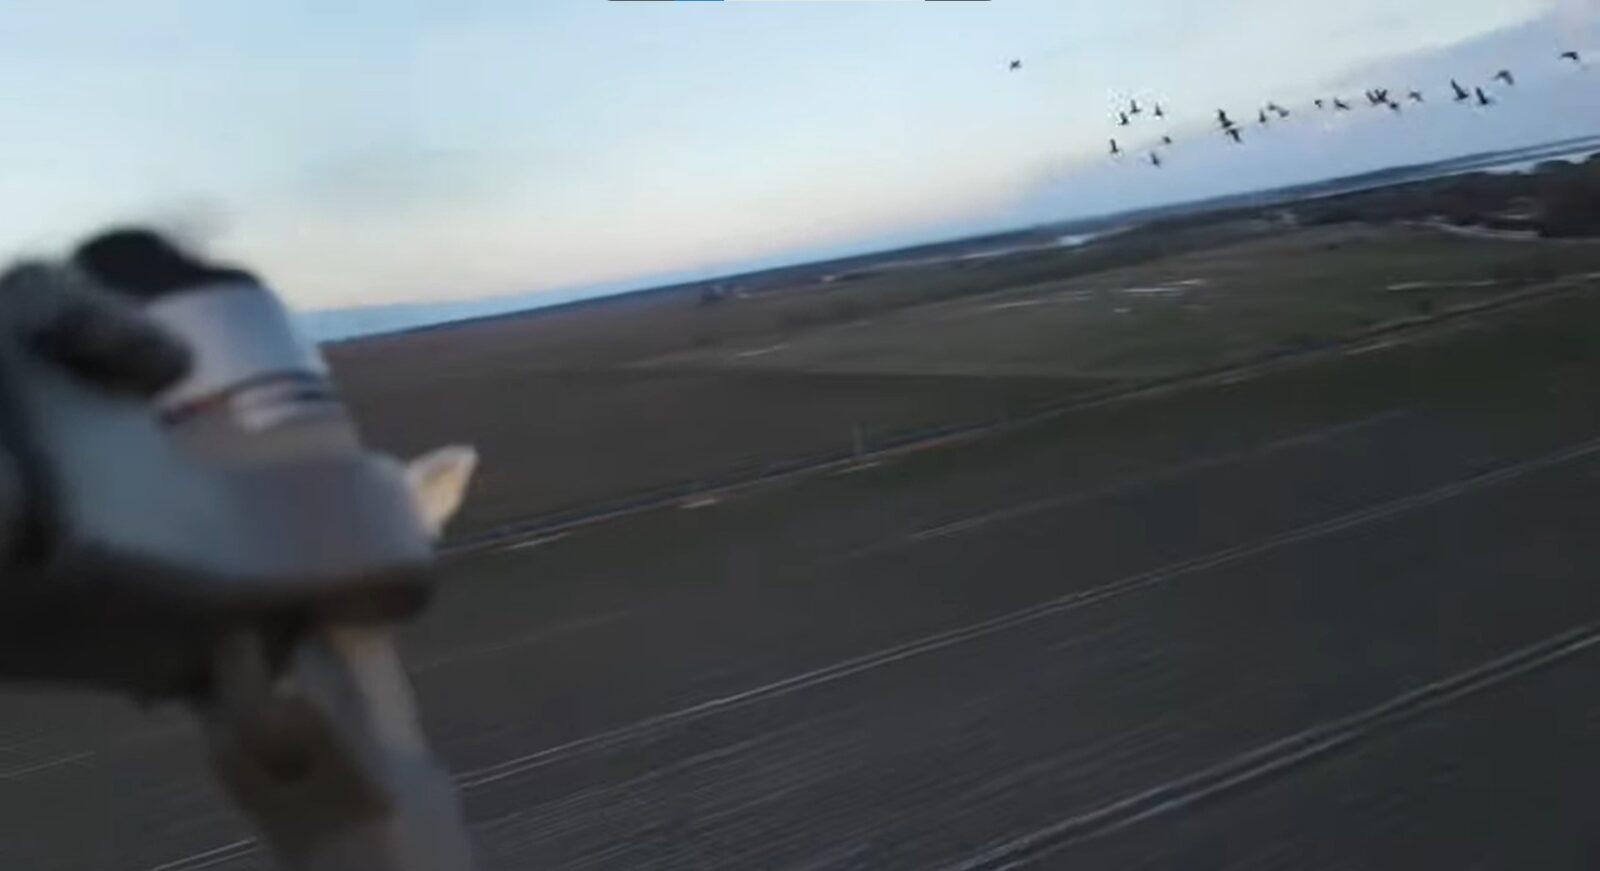 Охота на гуся с квадрокоптера привела к аварии DJI Mavic!